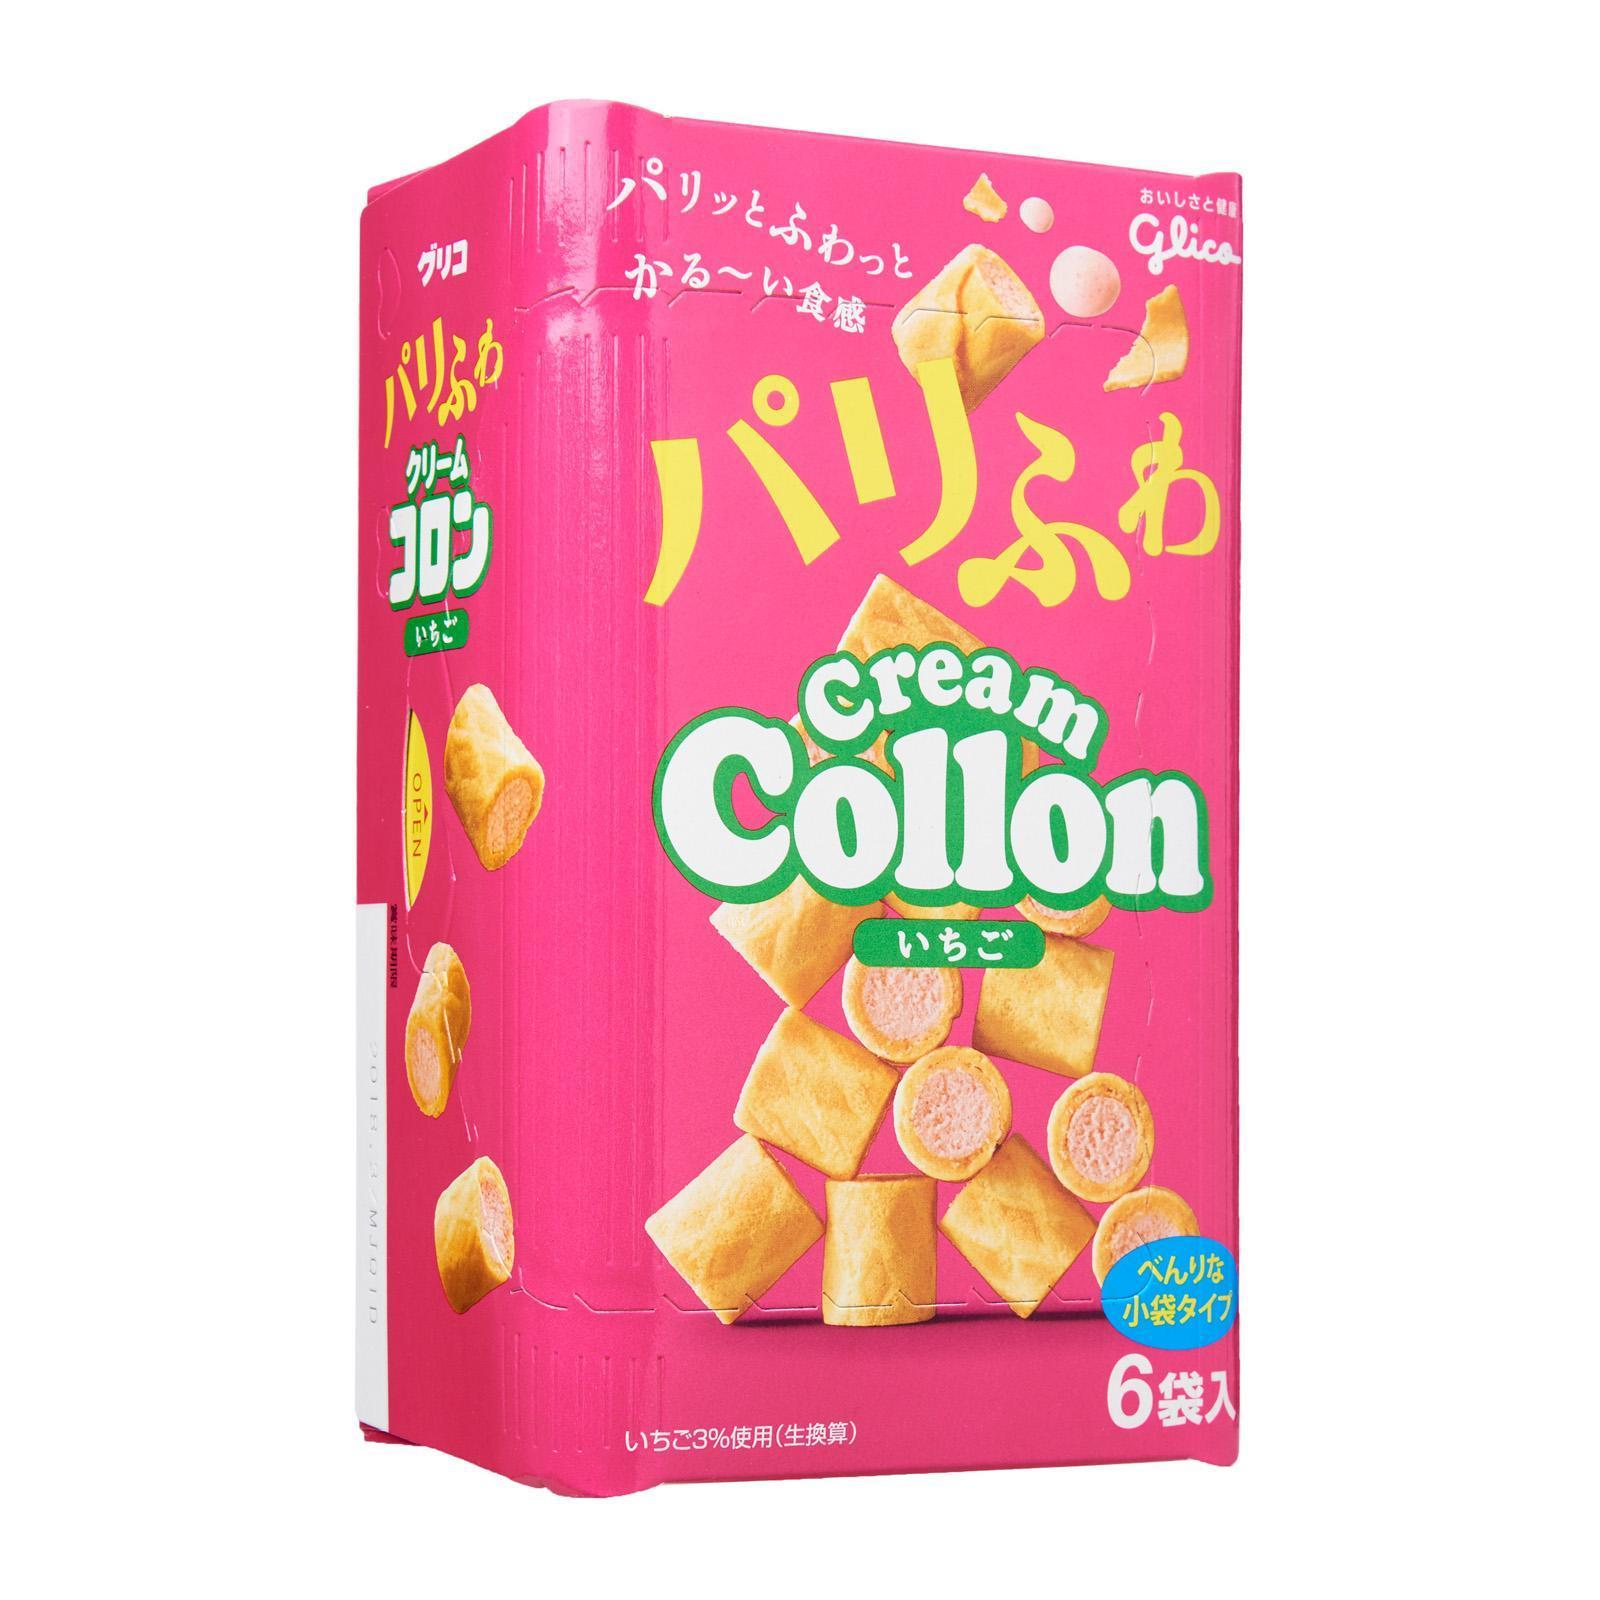 Glico Collon Strawberry Flavor Biscuit Roll